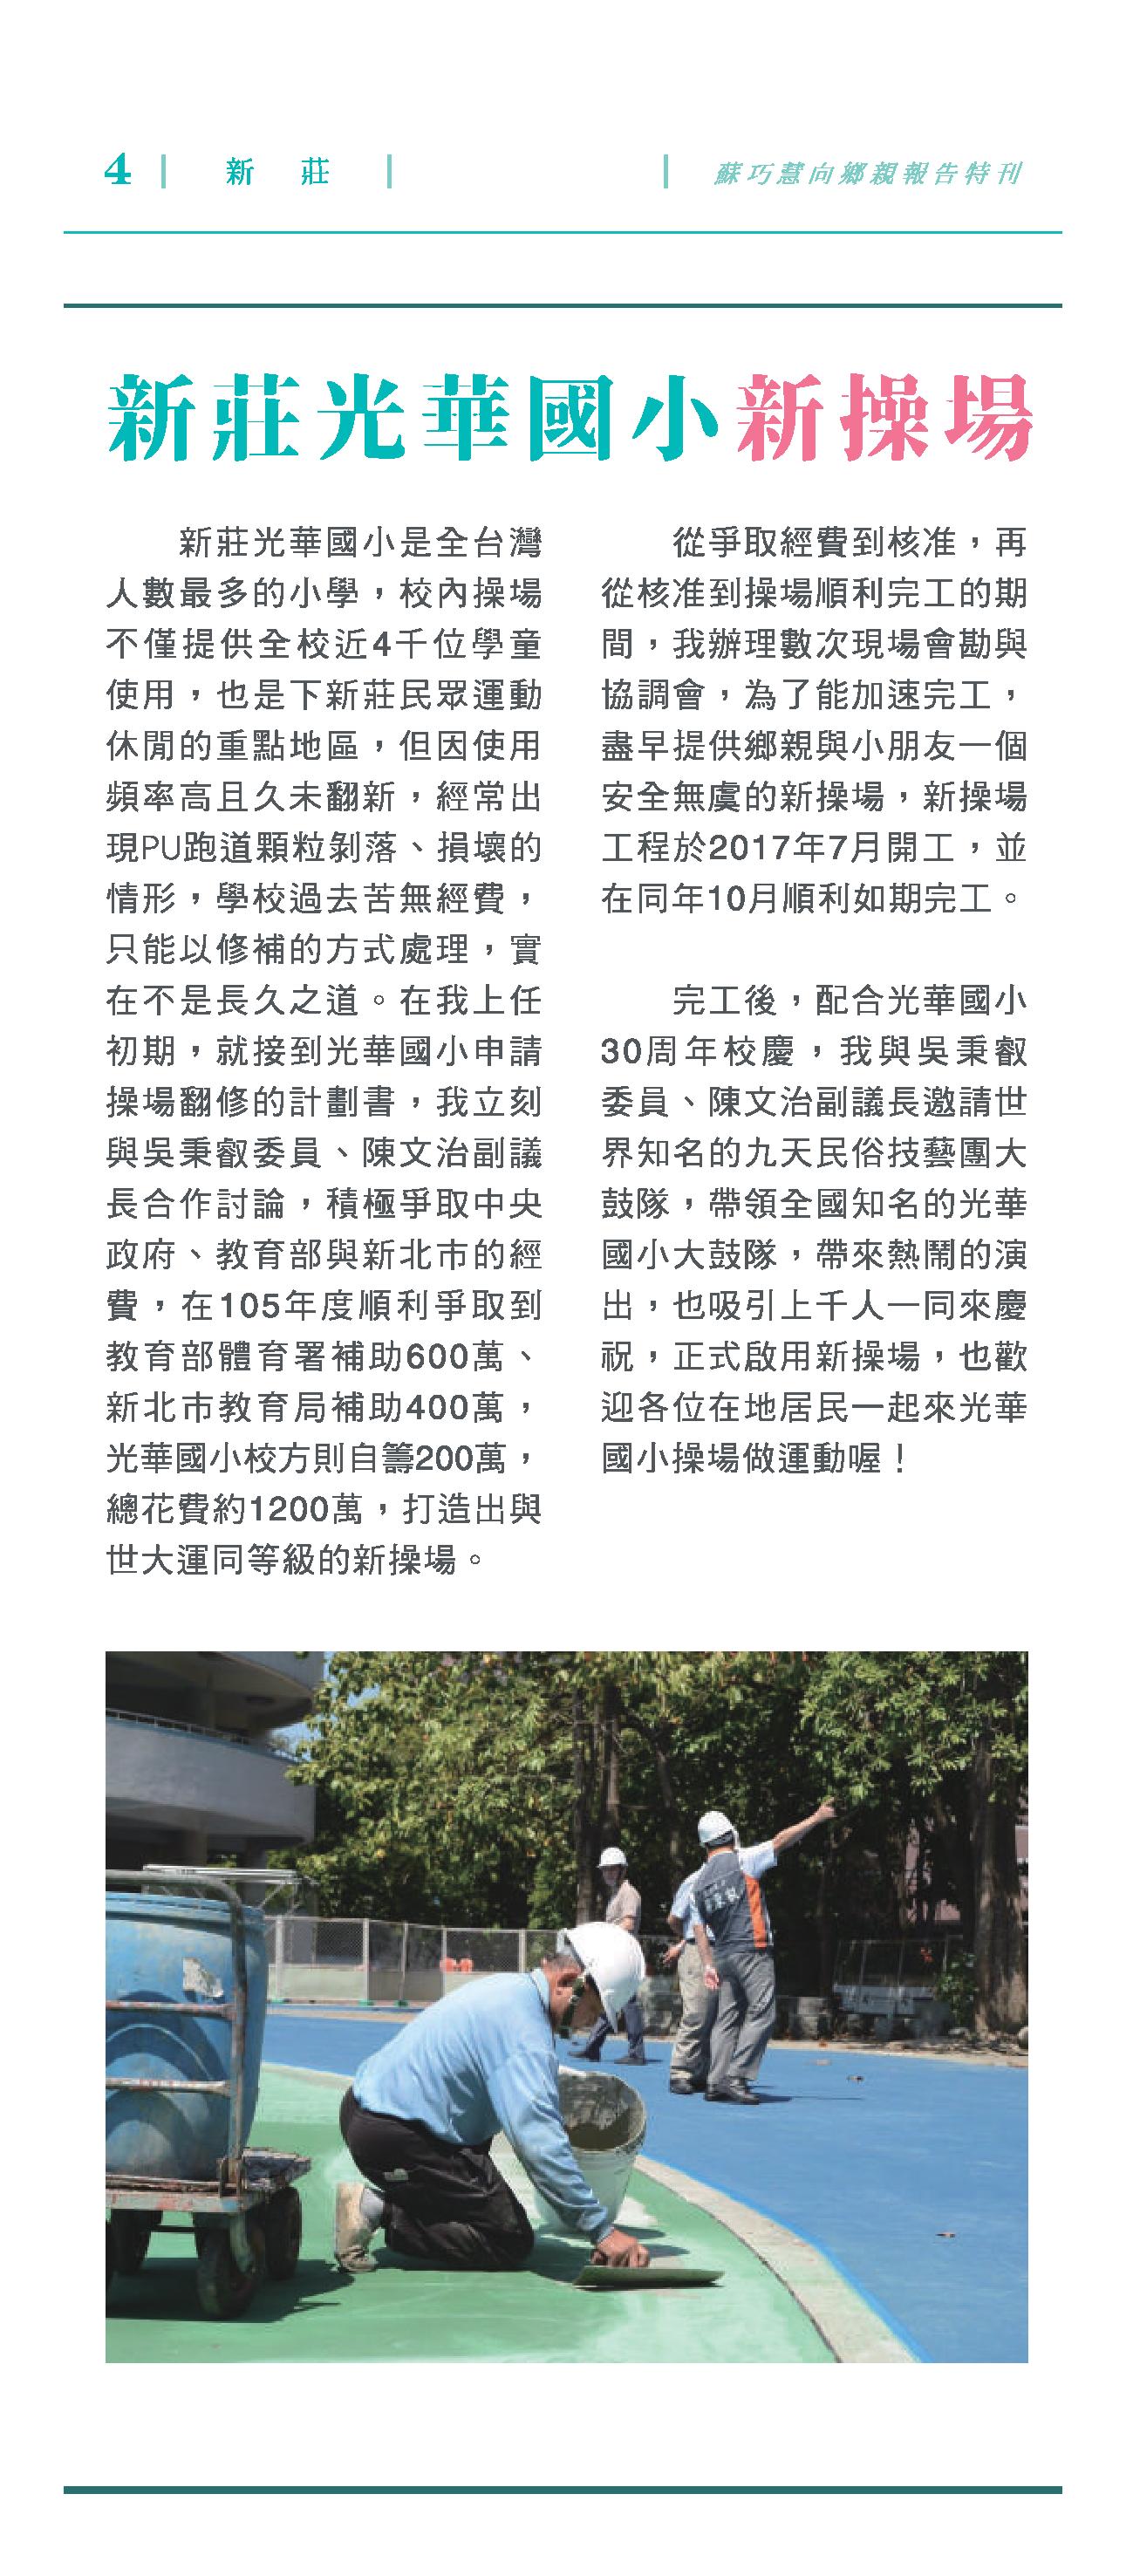 地方報告特刊第一期 5